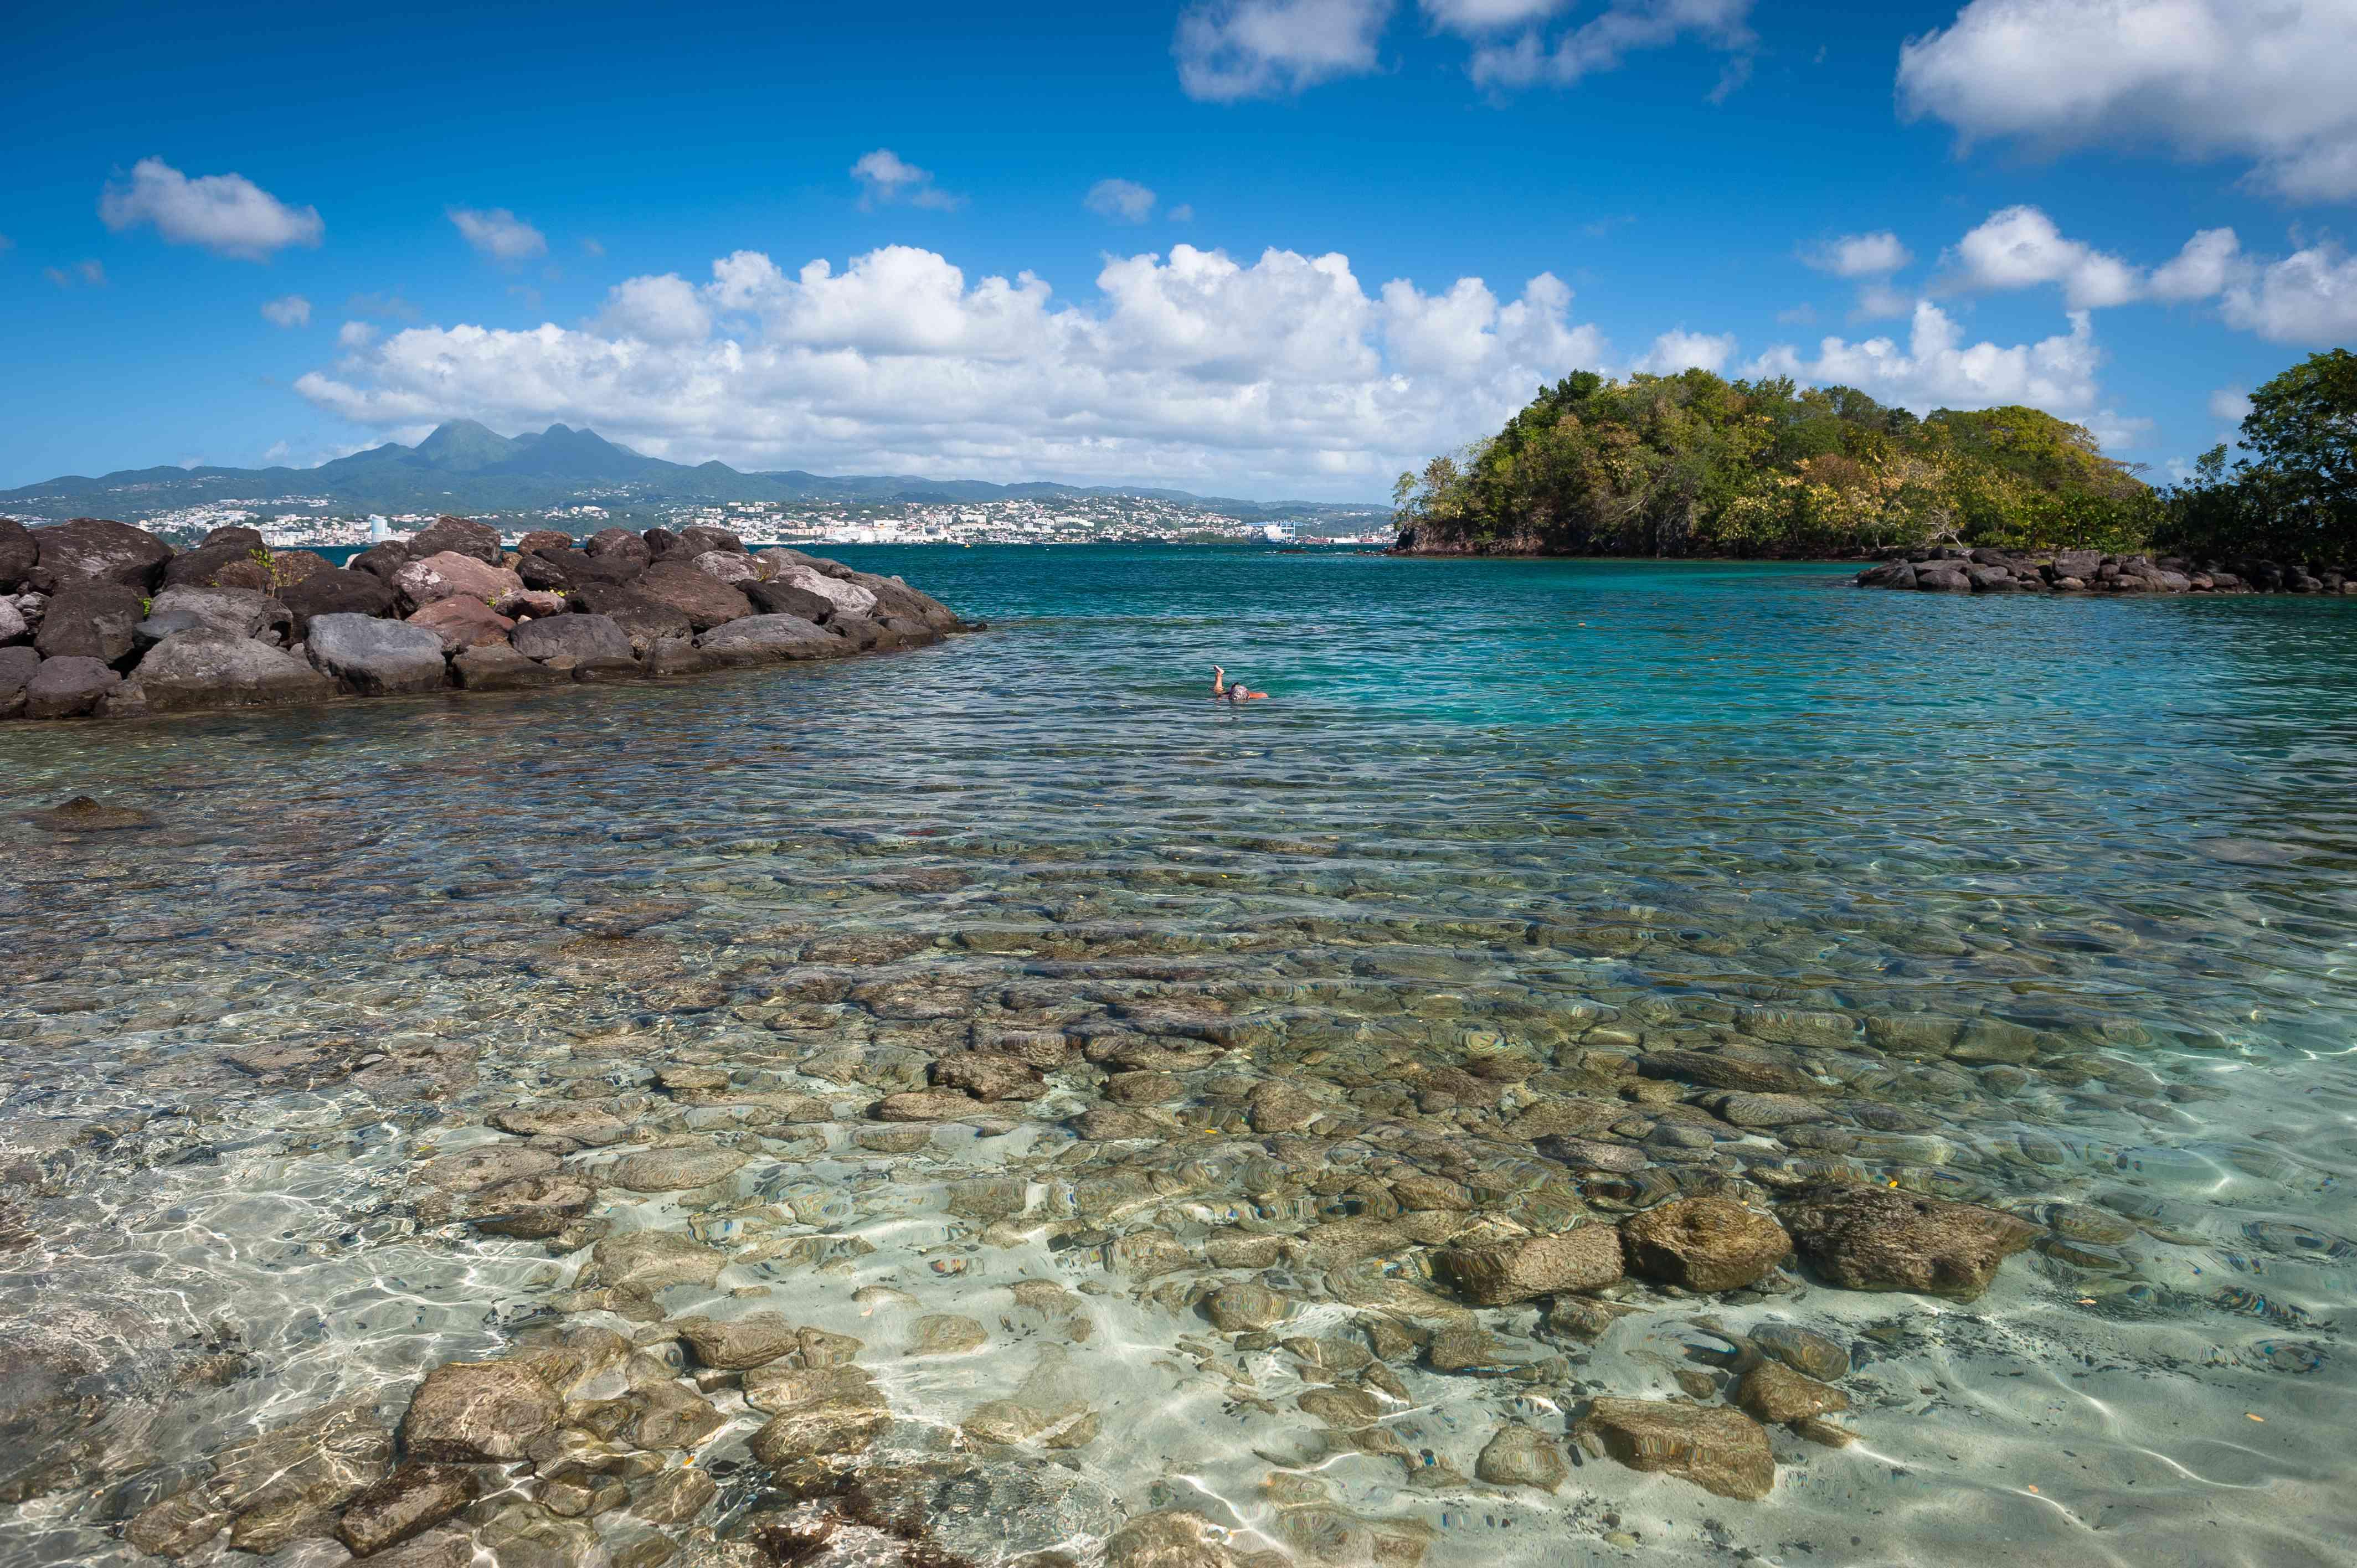 Beautiful Caribbean Sea, Trois Ilets, Martinique